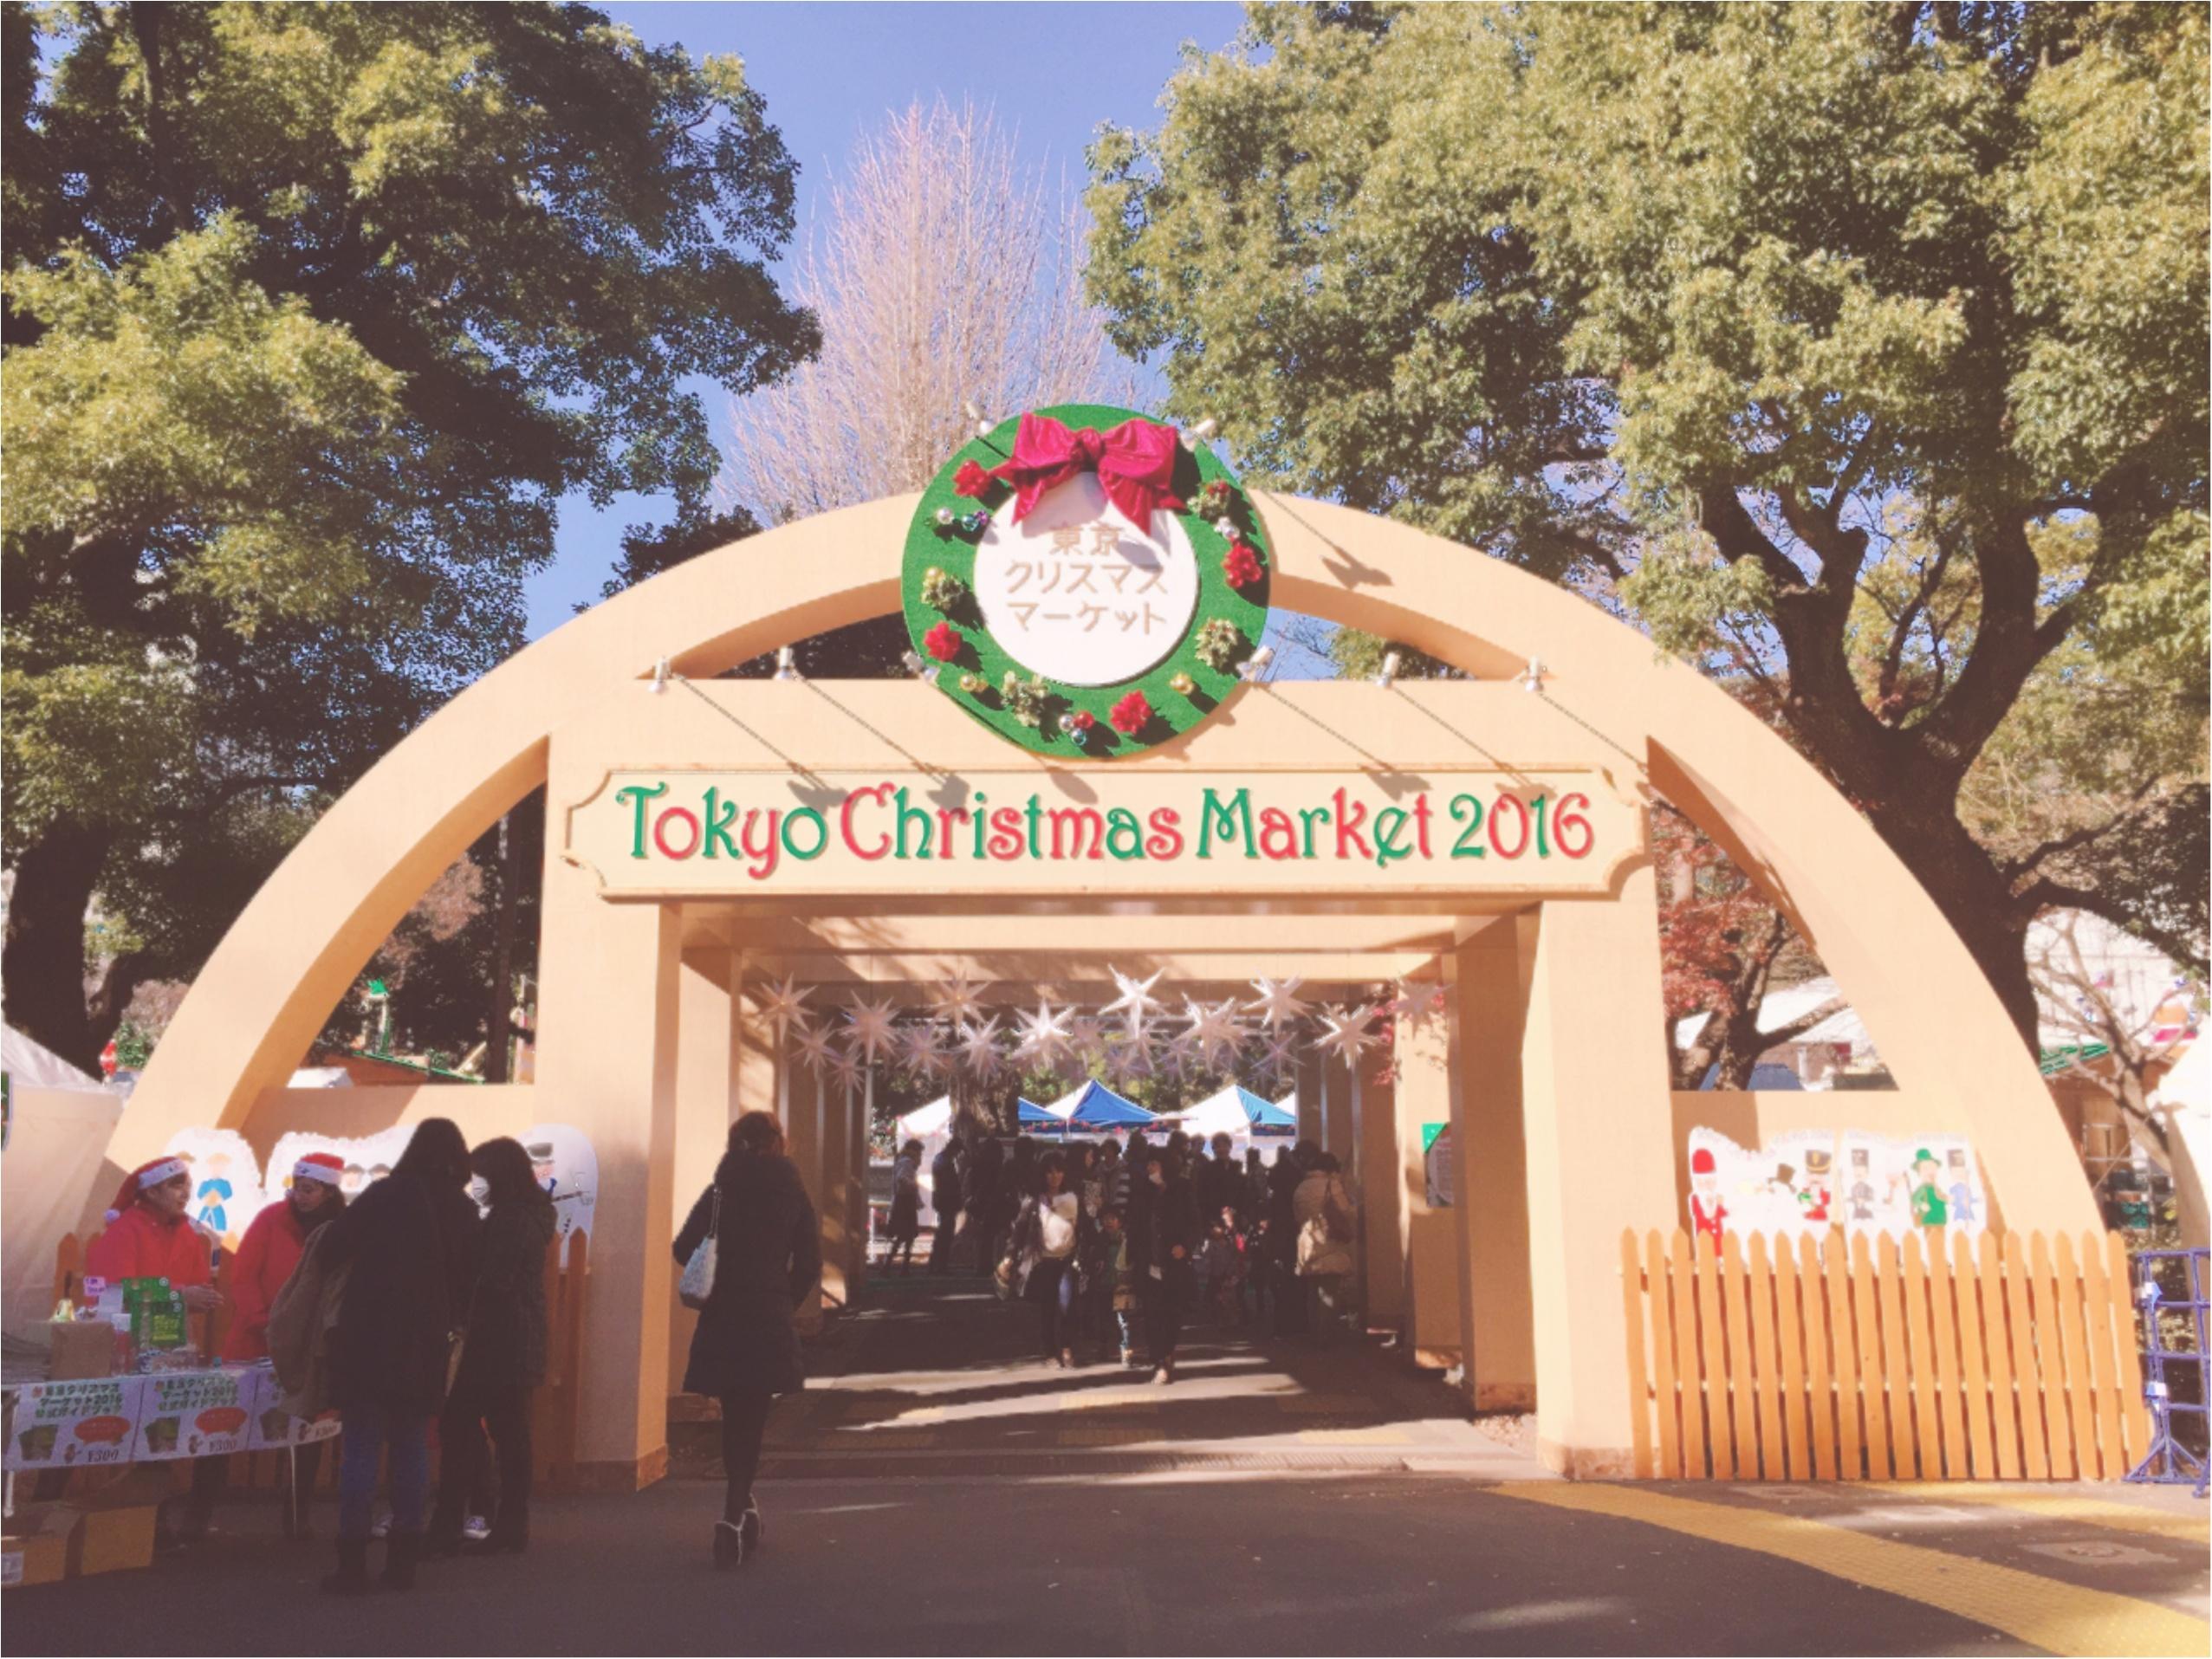 日比谷の《東京クリスマスマーケット2016》でちょっと早めのクリスマス気分を味わおう♡*_1